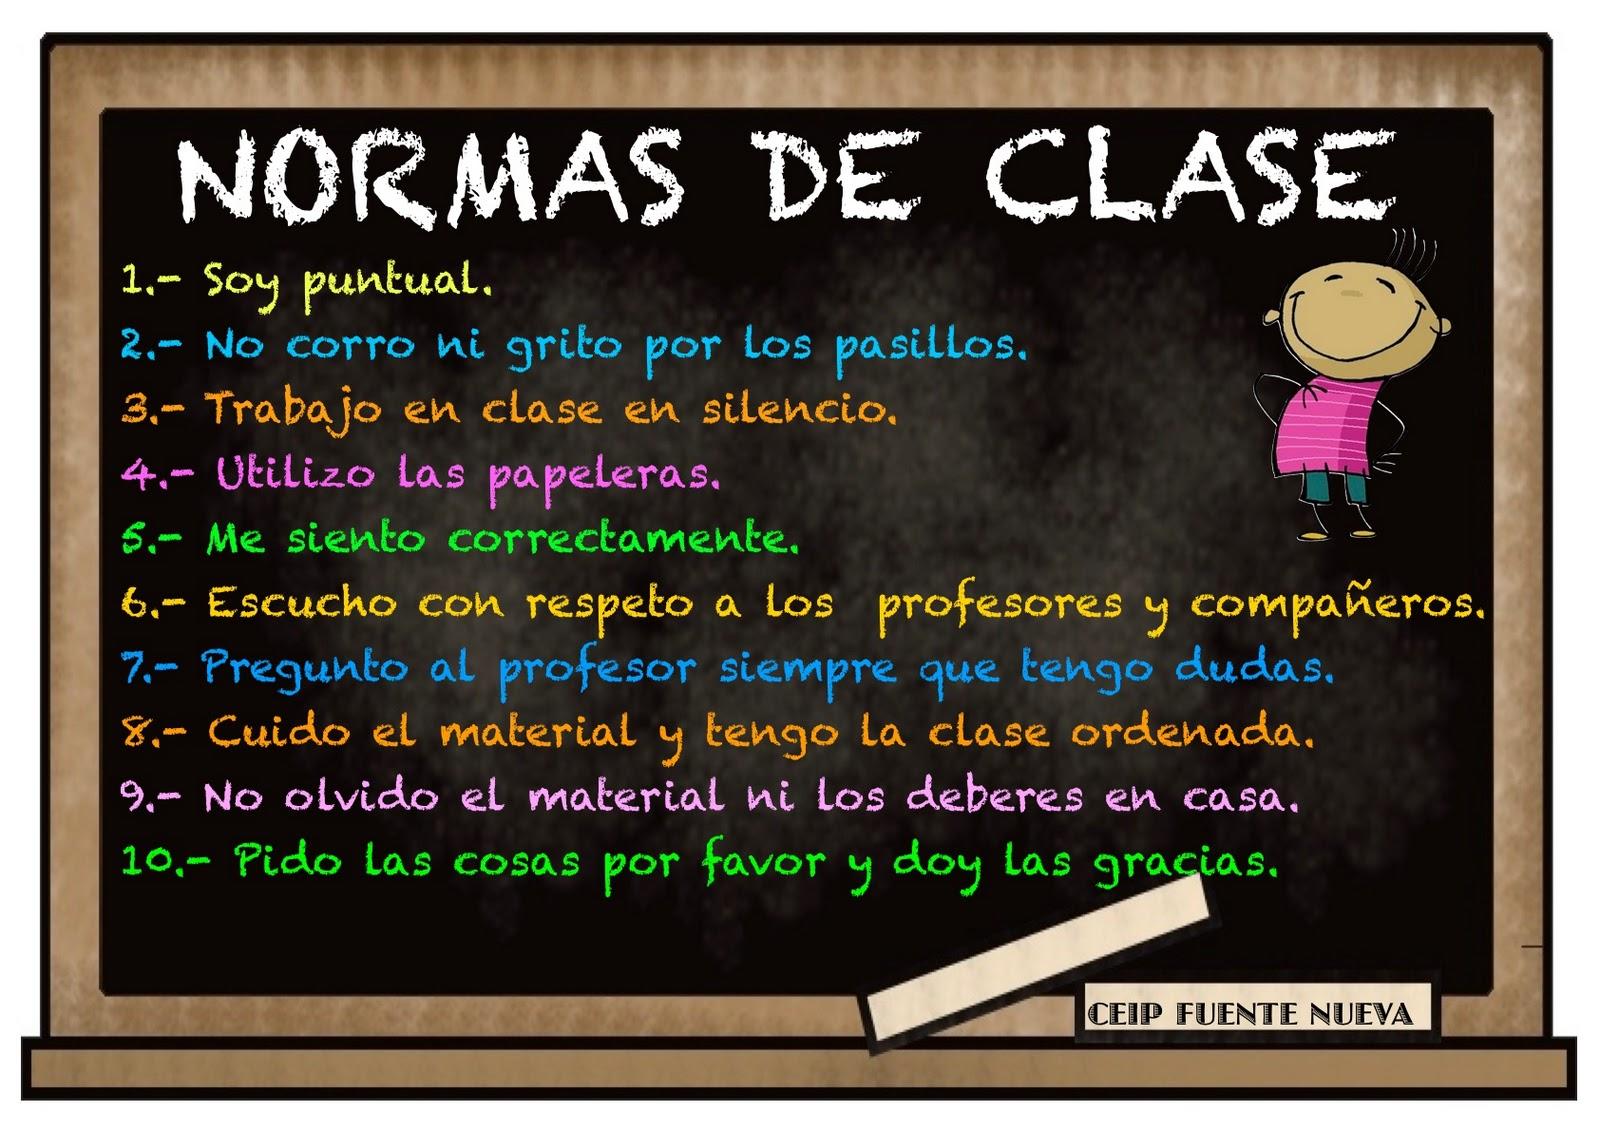 Educaci n f sica normas en clase for 5 reglas del salon de clases